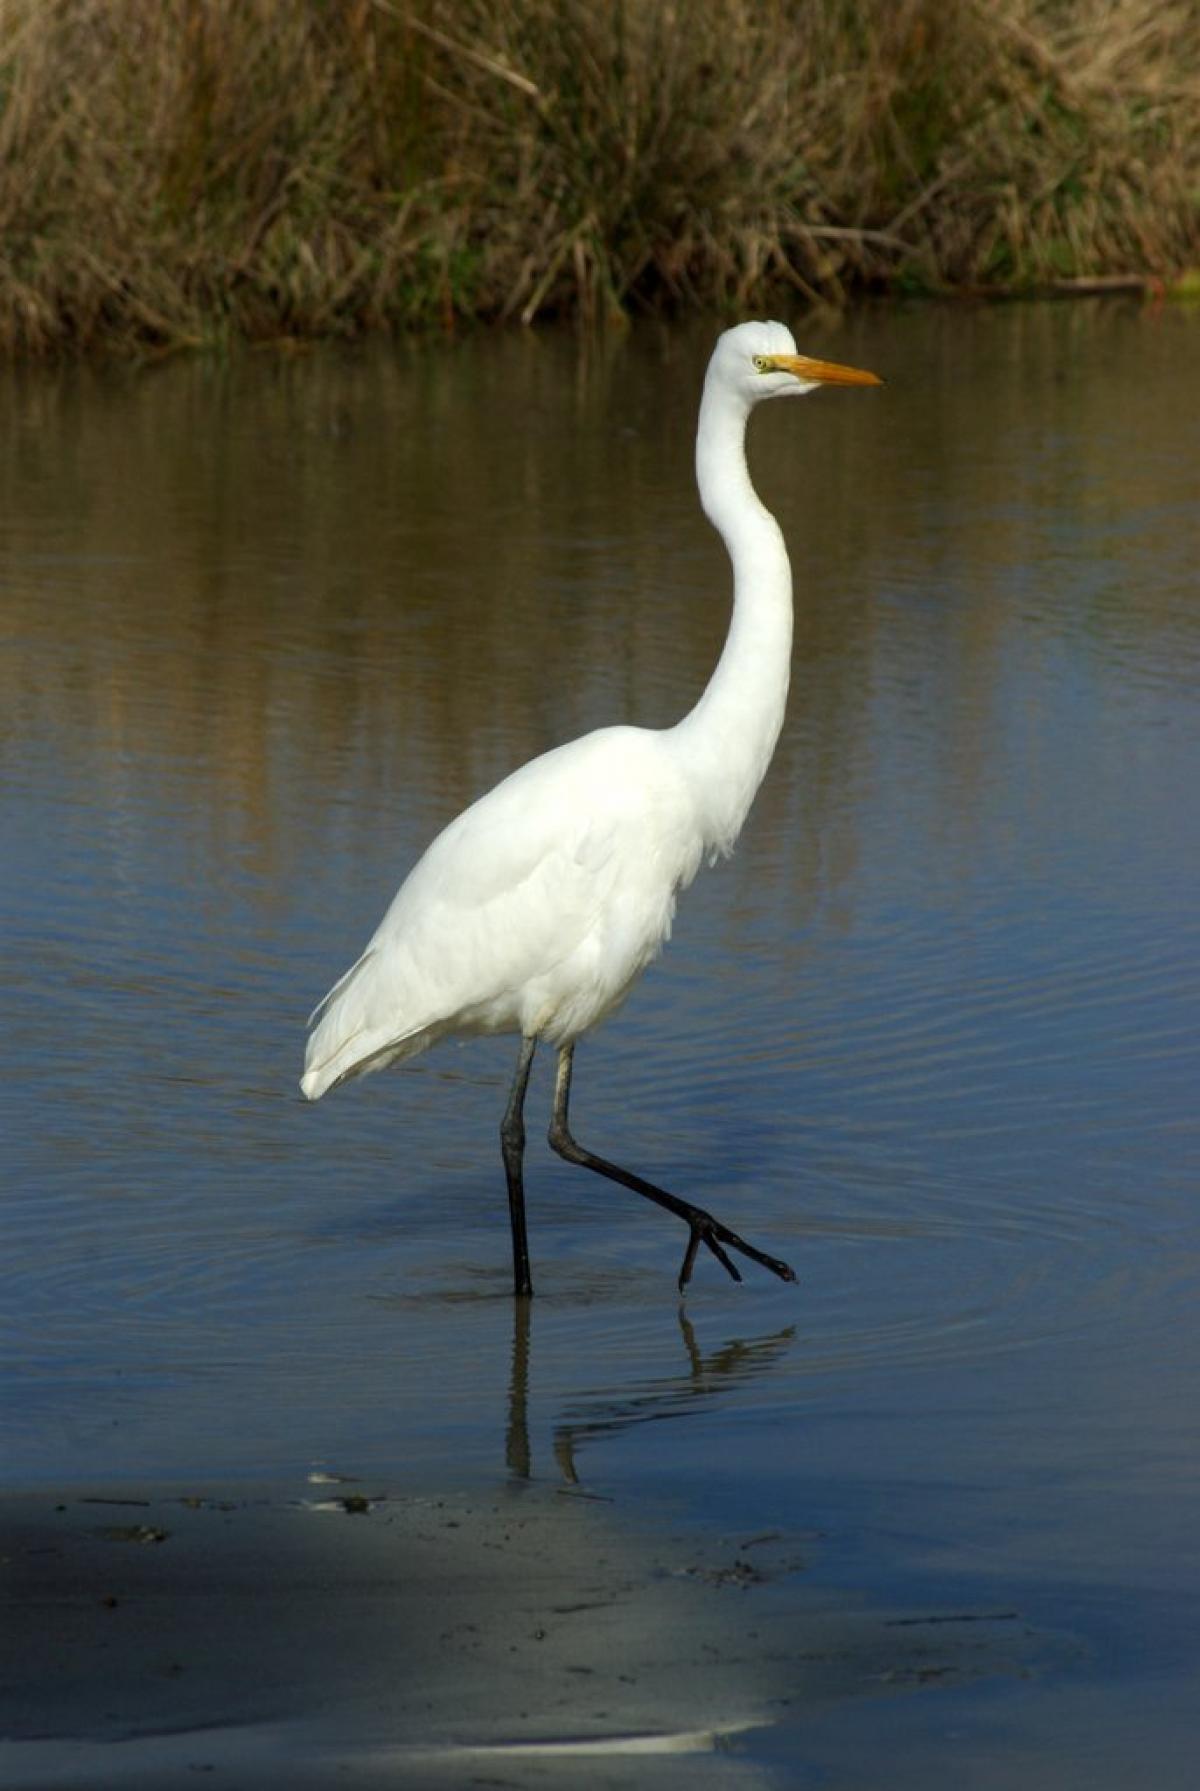 White herring bird - photo#16